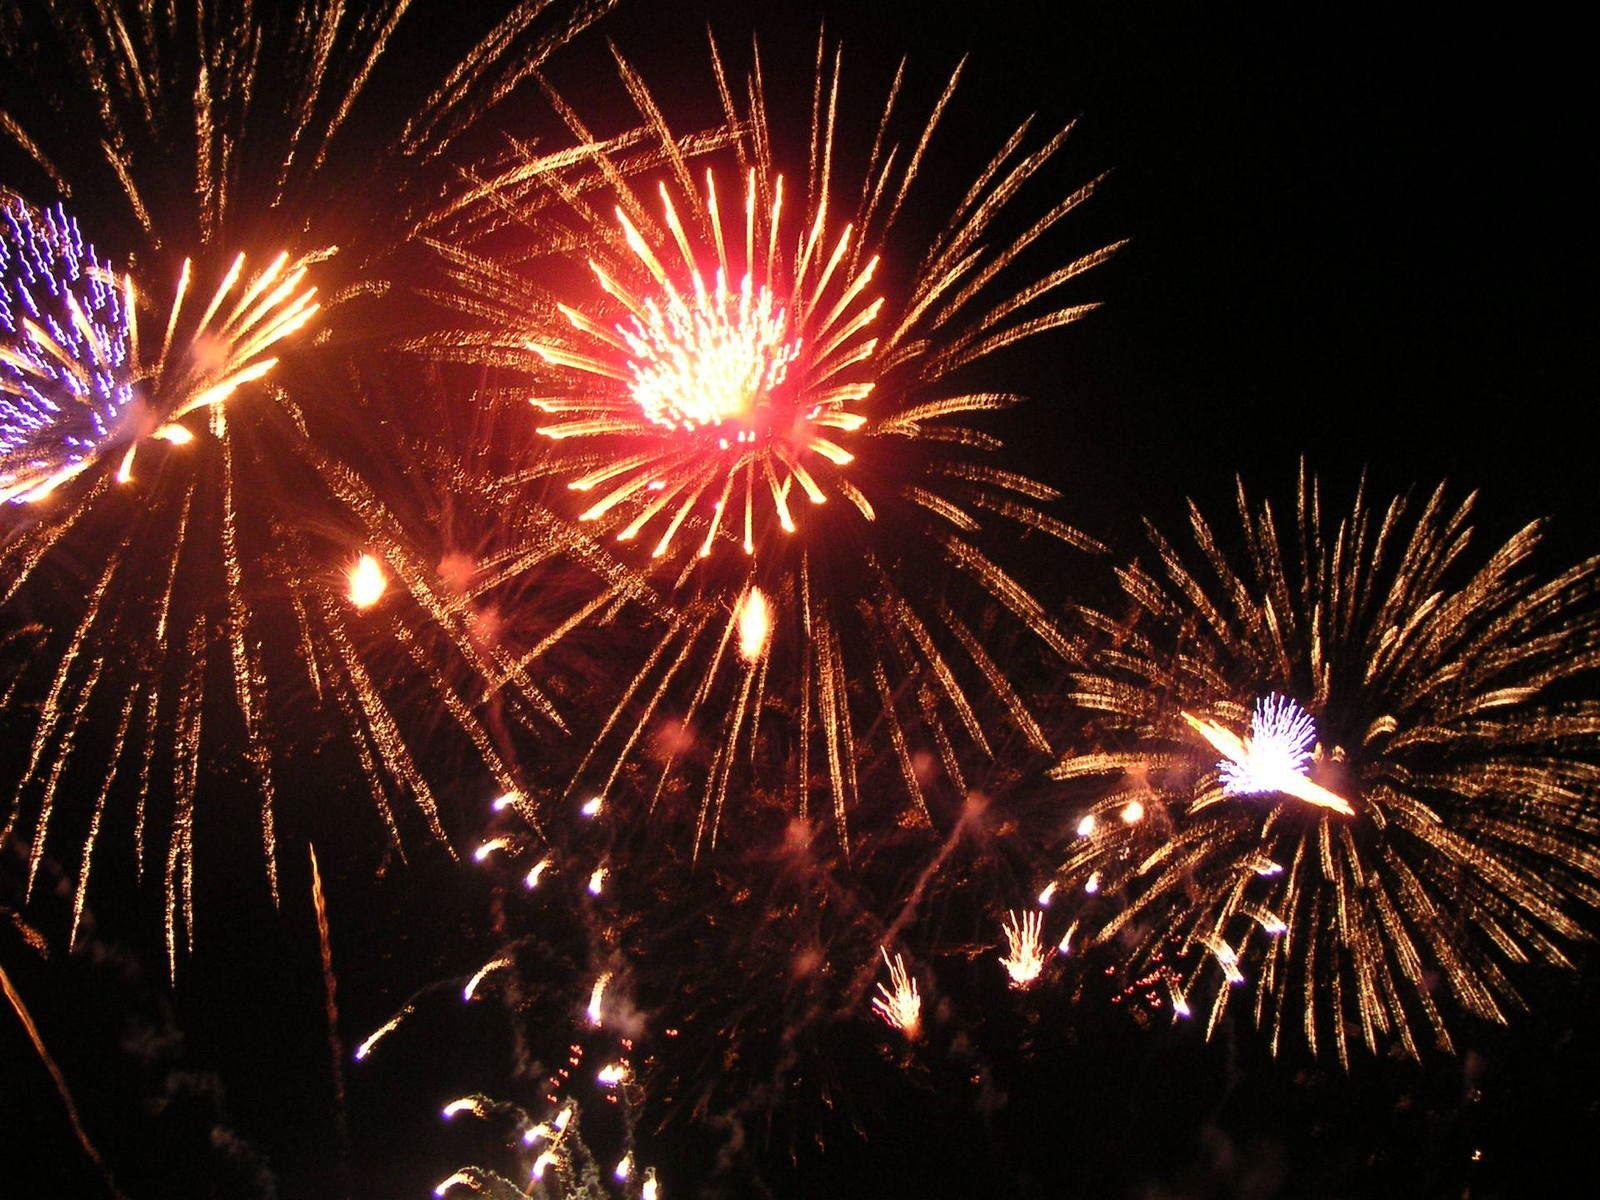 fireworks-3-1526439-1600x1200